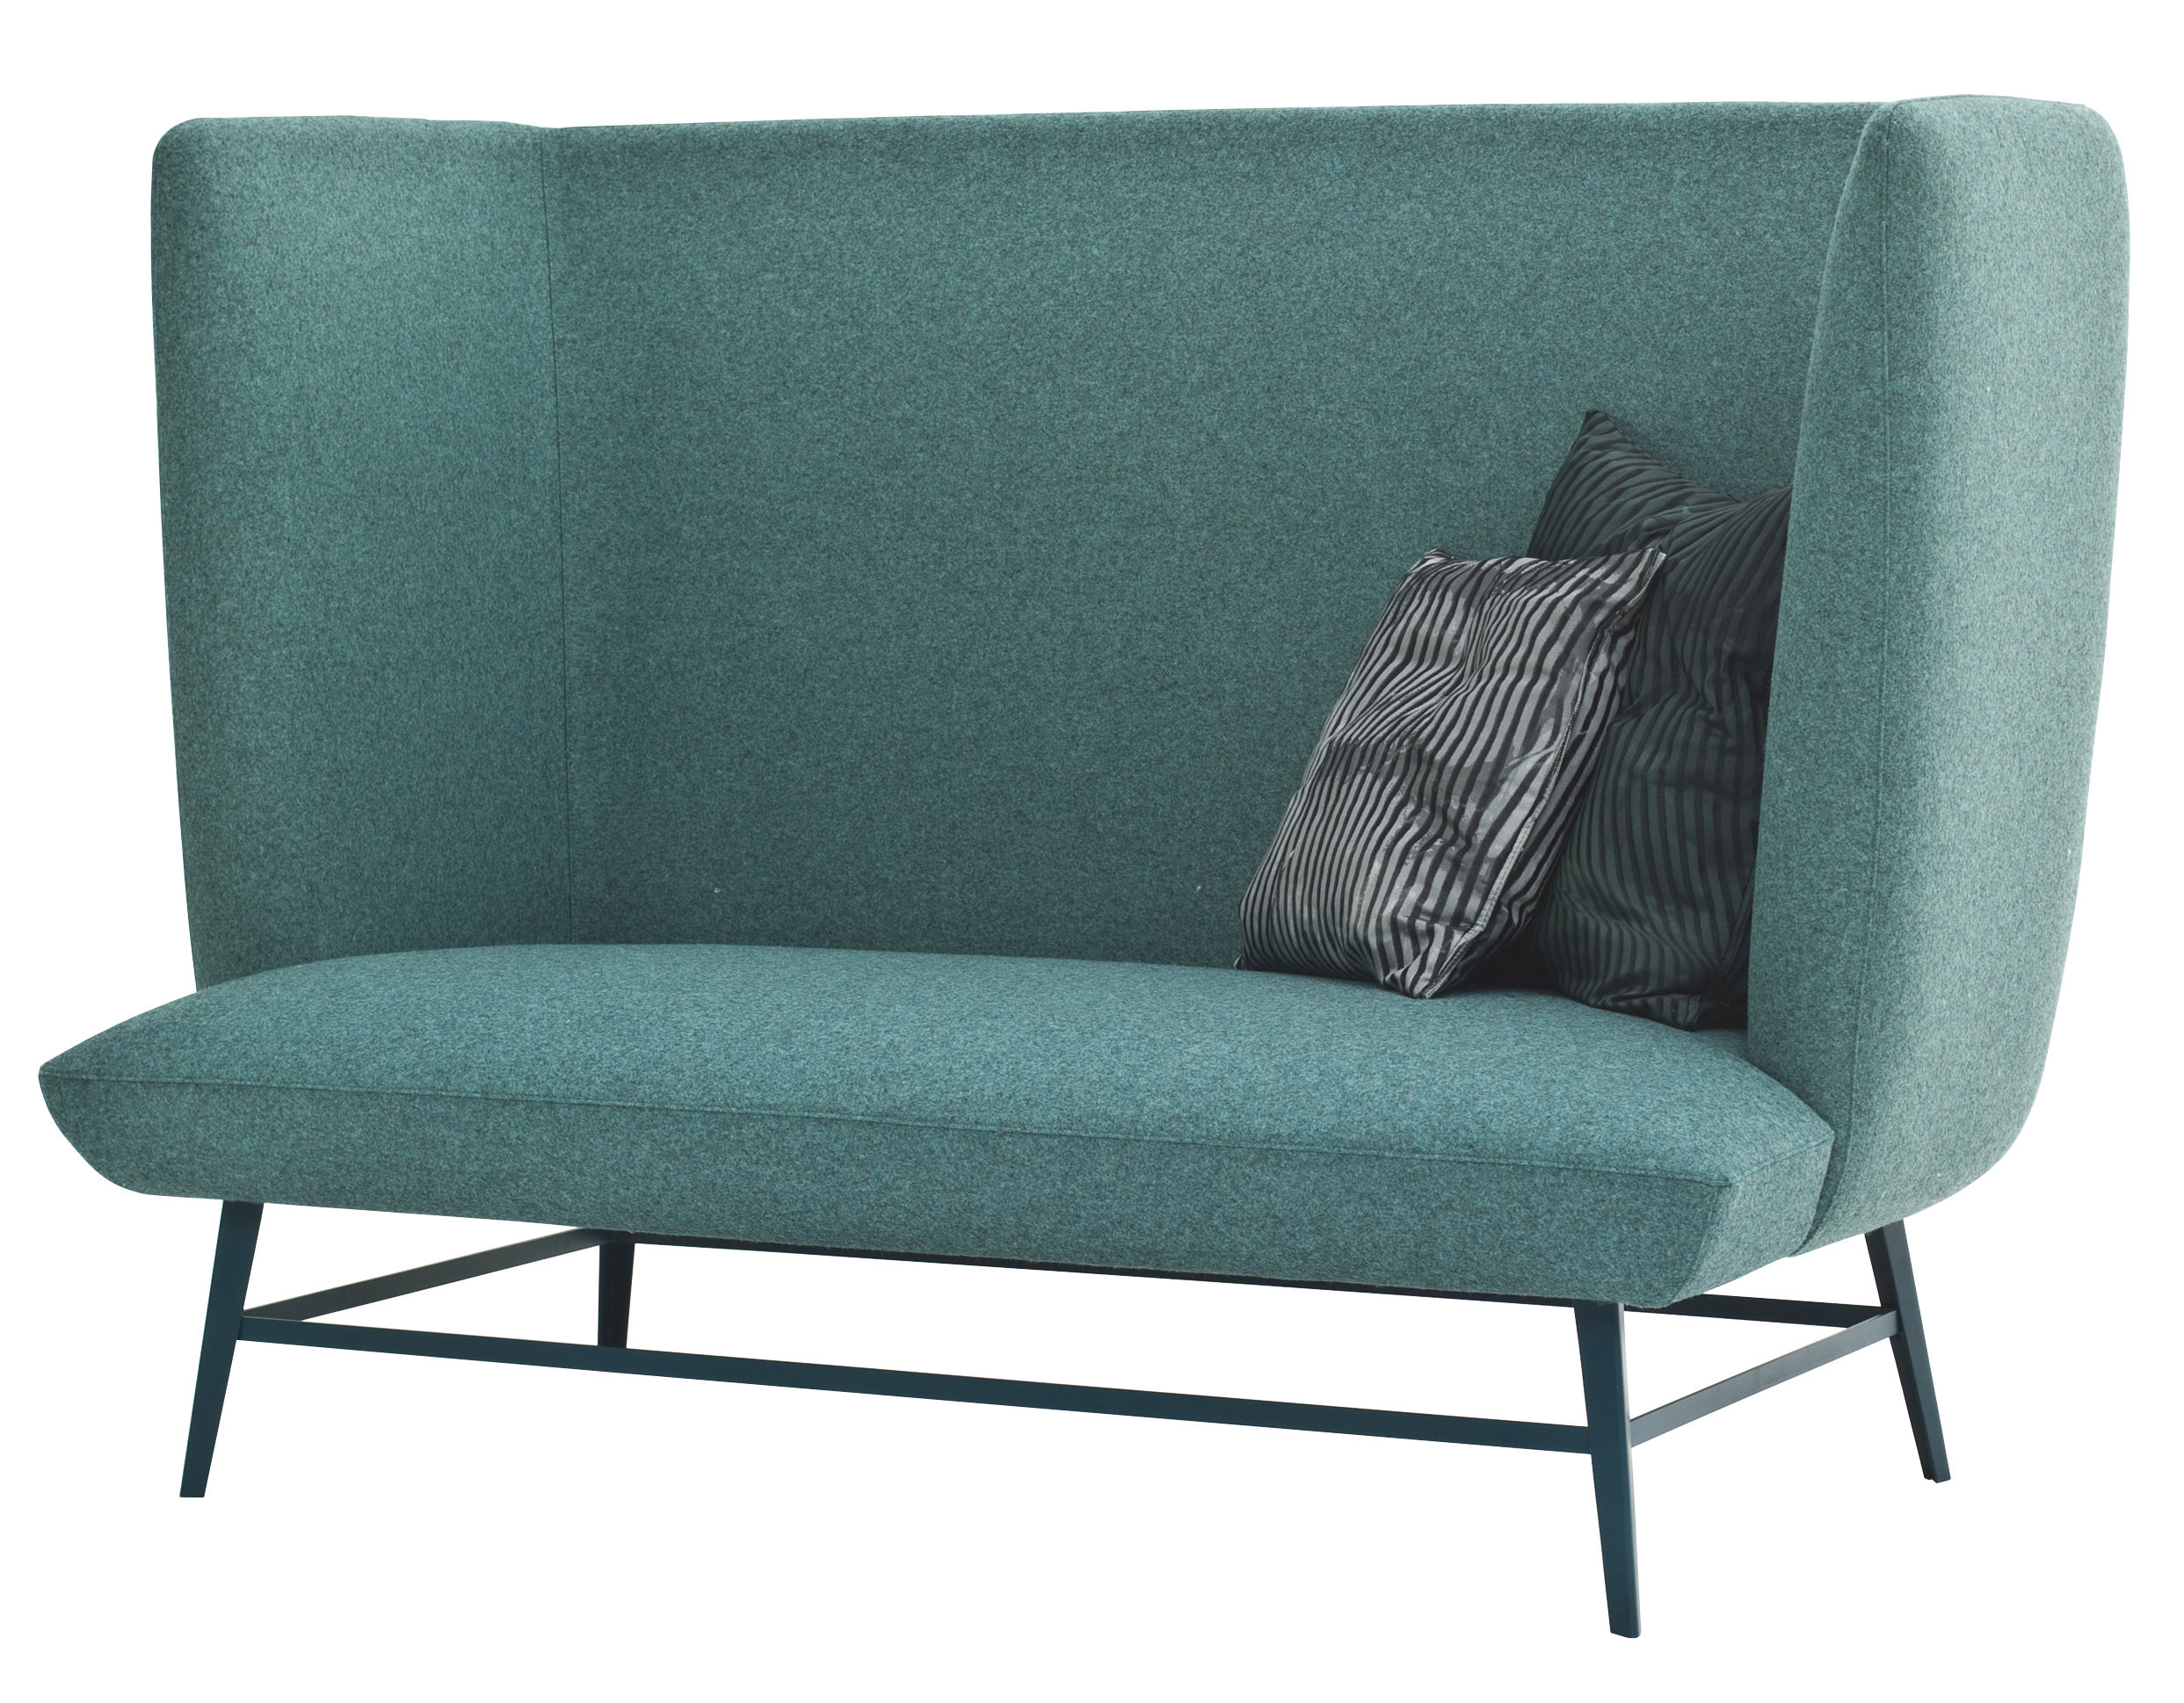 canap droit gimme shelter 2 places l 160 cm x h 113 cm vert malachite pi tement vert. Black Bedroom Furniture Sets. Home Design Ideas